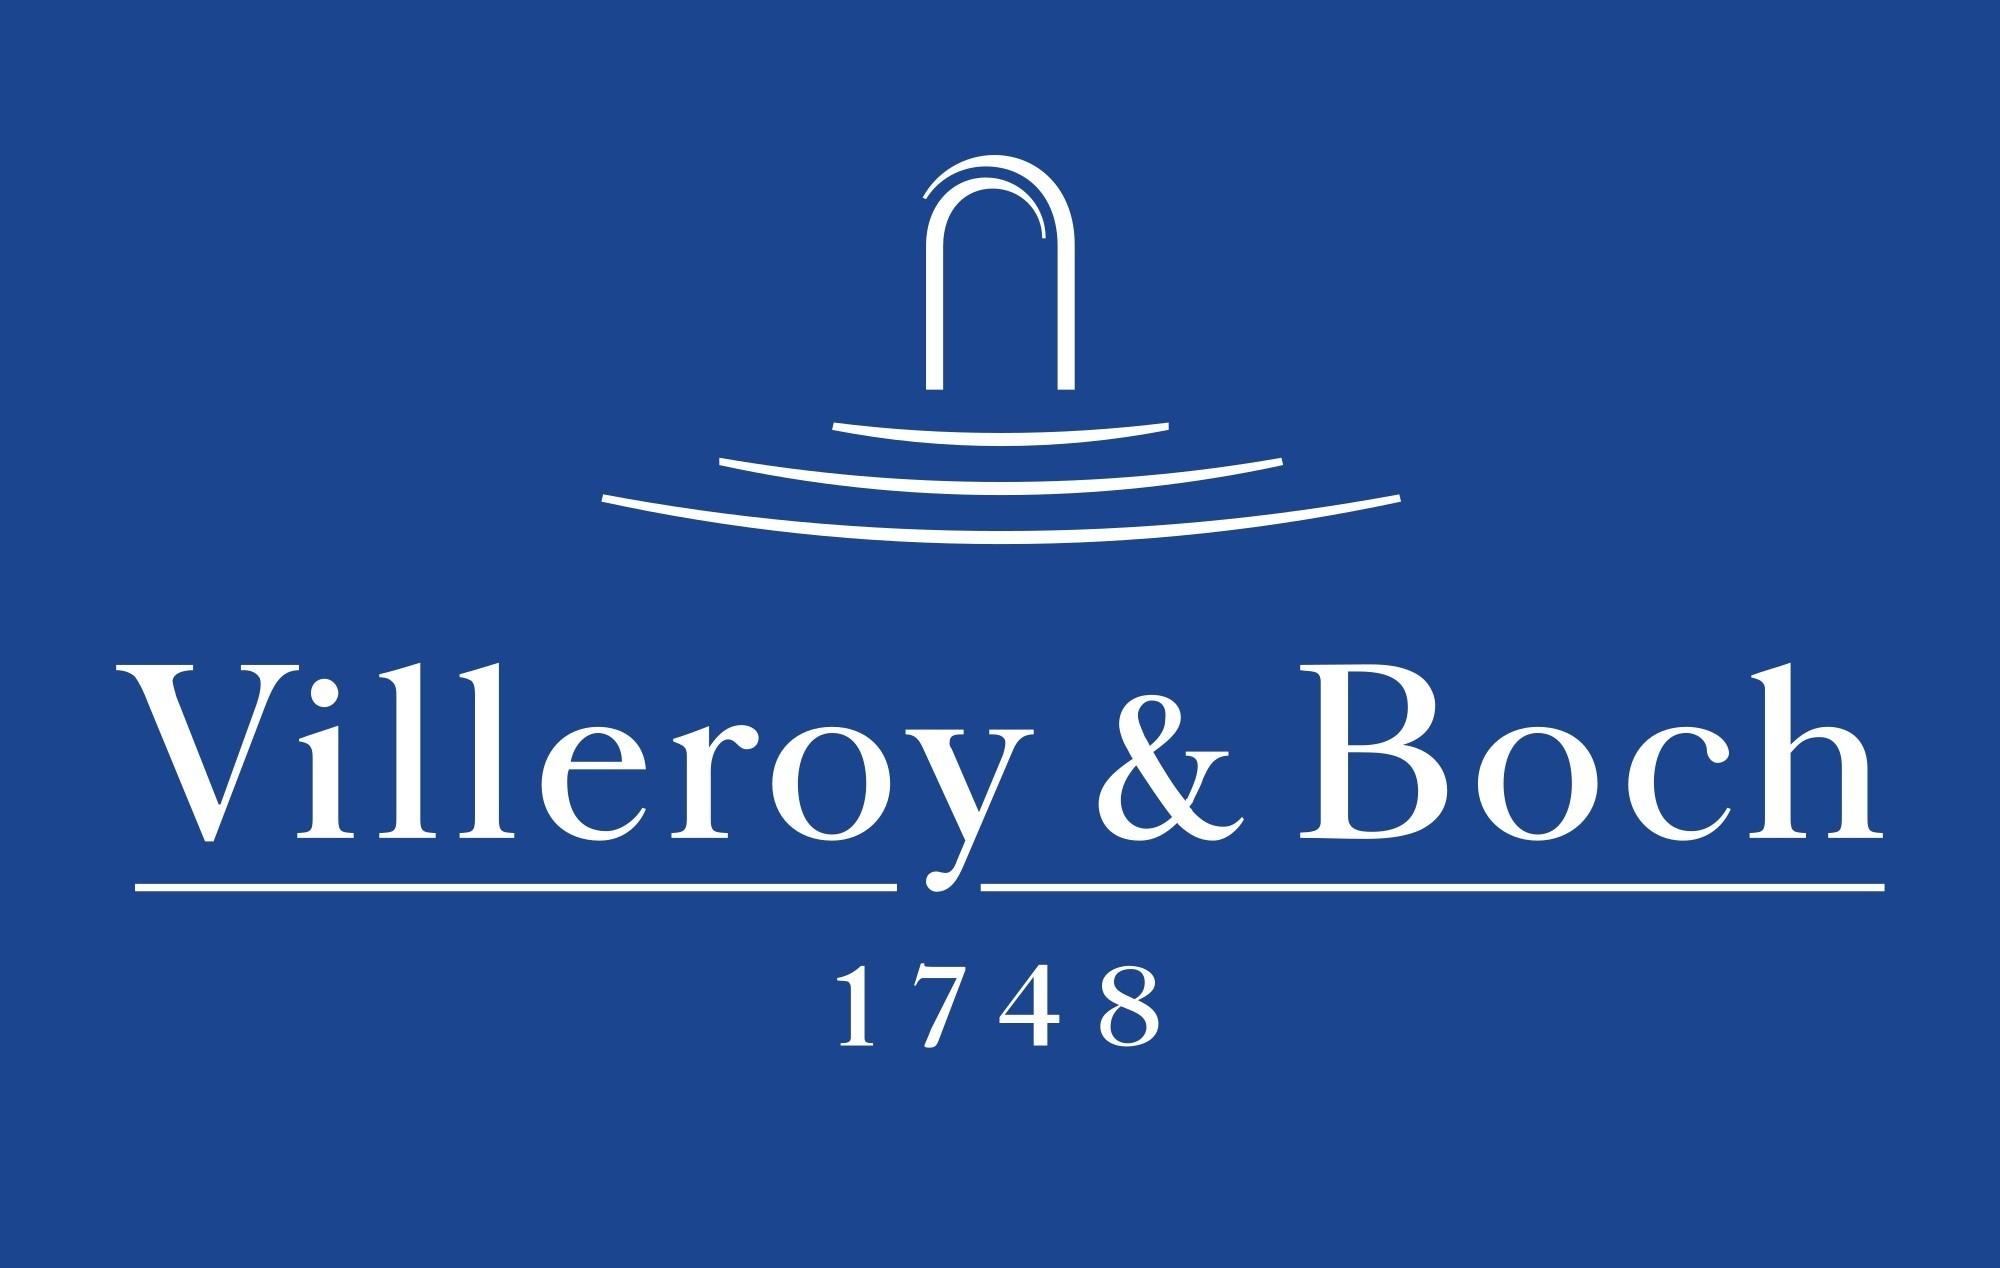 Villeroy & Bosch